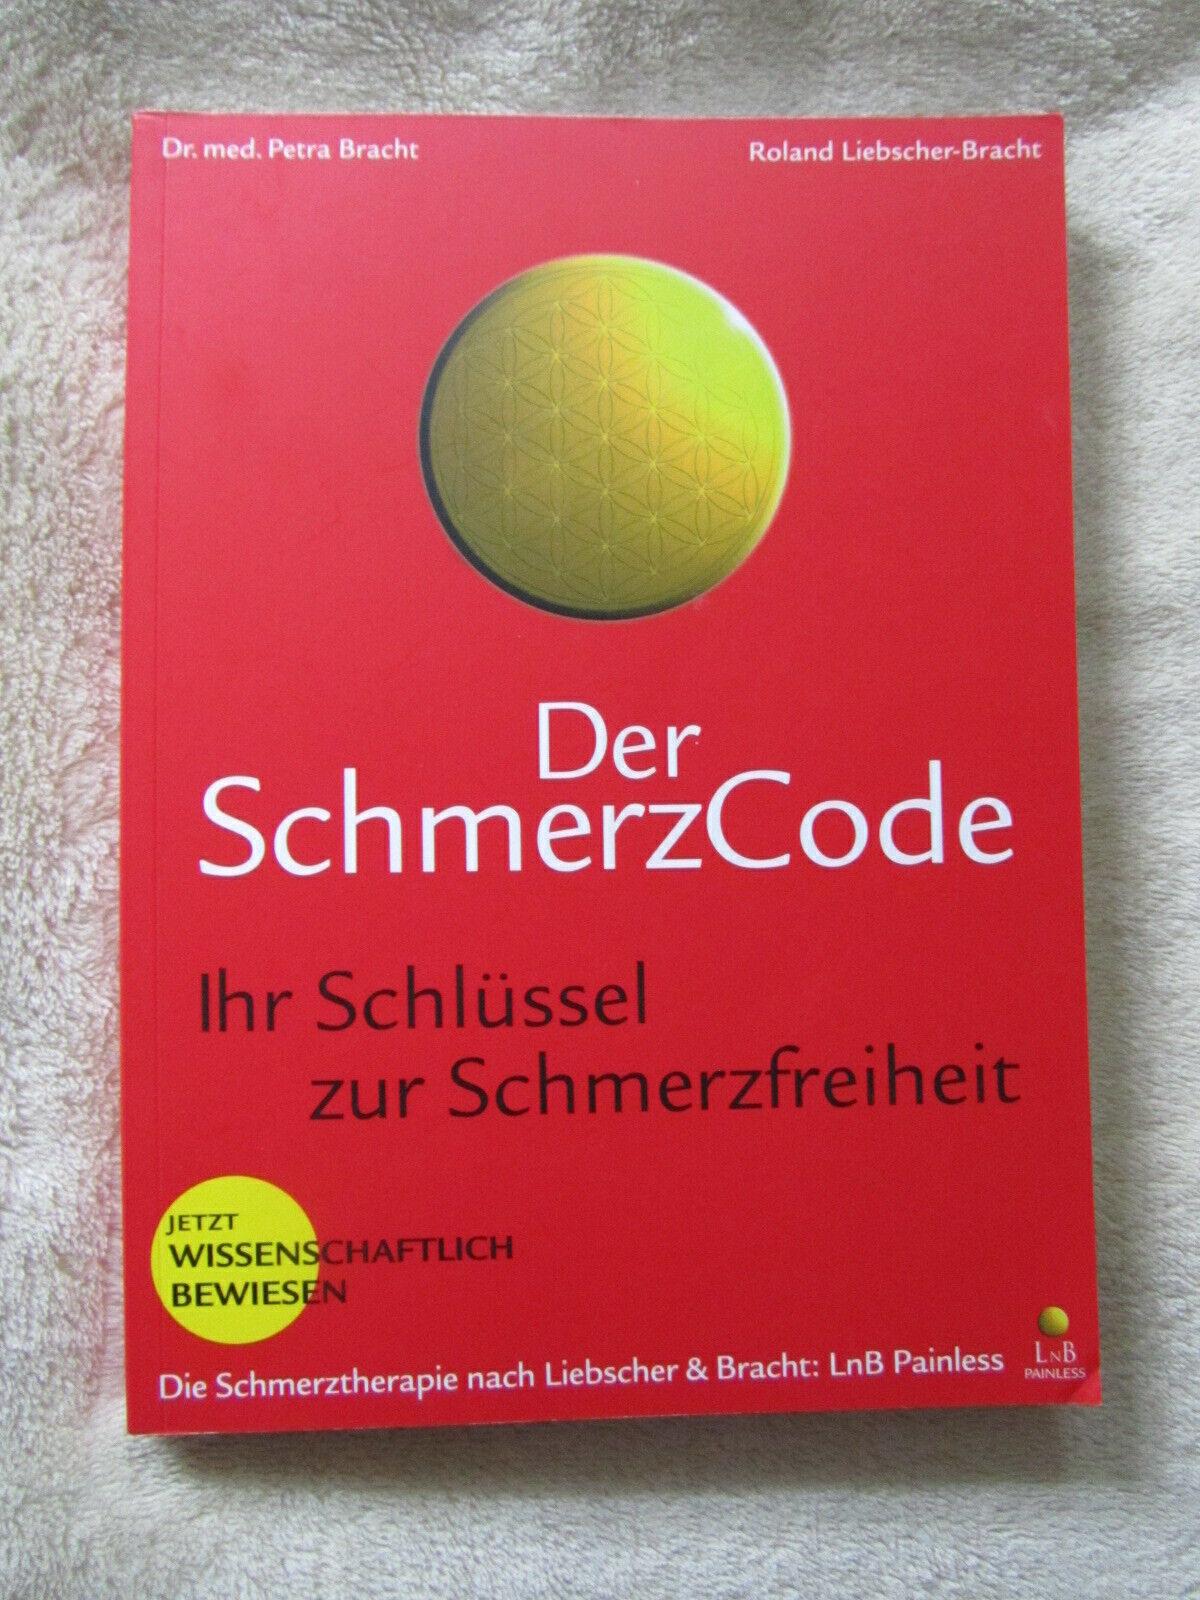 Der SchmerzCode - Petra Bracht, Roland Liebscher-Bracht - Petra Bracht und Roland Liebscher- Bracht